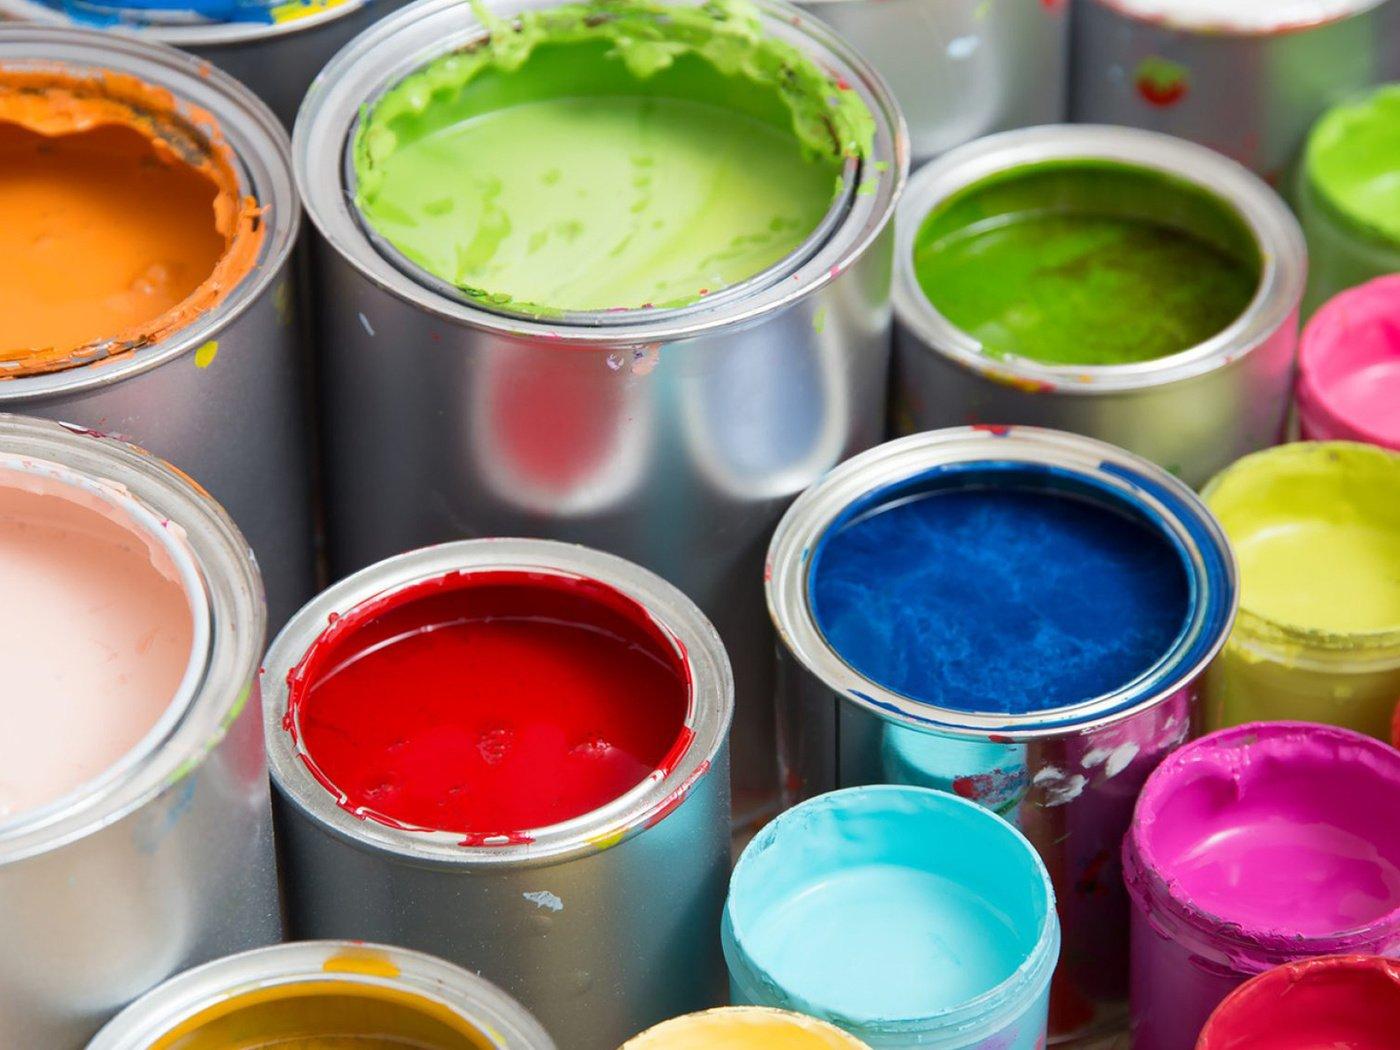 Фото краски в банках